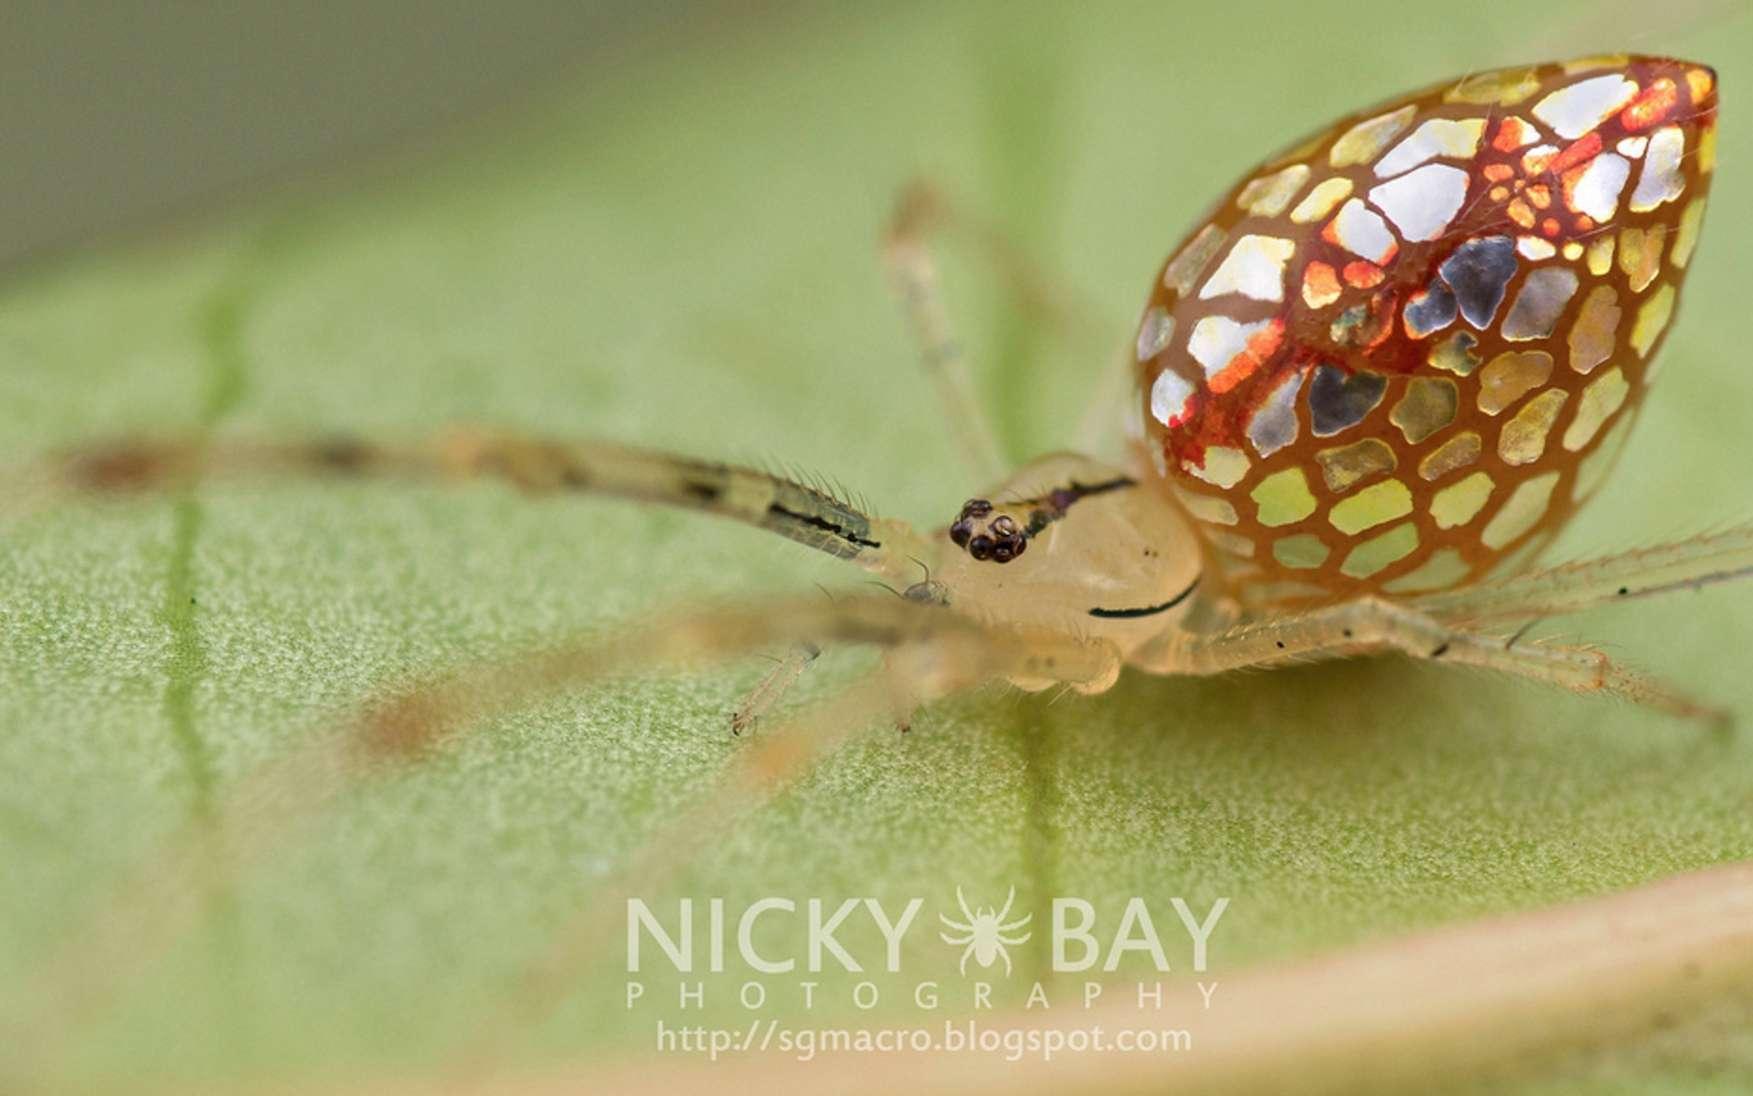 Non ce n'est pas du vitrail. Il s'agit de T. argentiopunctata, ou araignée-miroir, une impressionnante petite araignée qui vit sous les tropiques. Les petites plaques argentées qui couvrent son abdomen sont peut-être constituées de guanine. © Nicky Bay, tous droits réservés